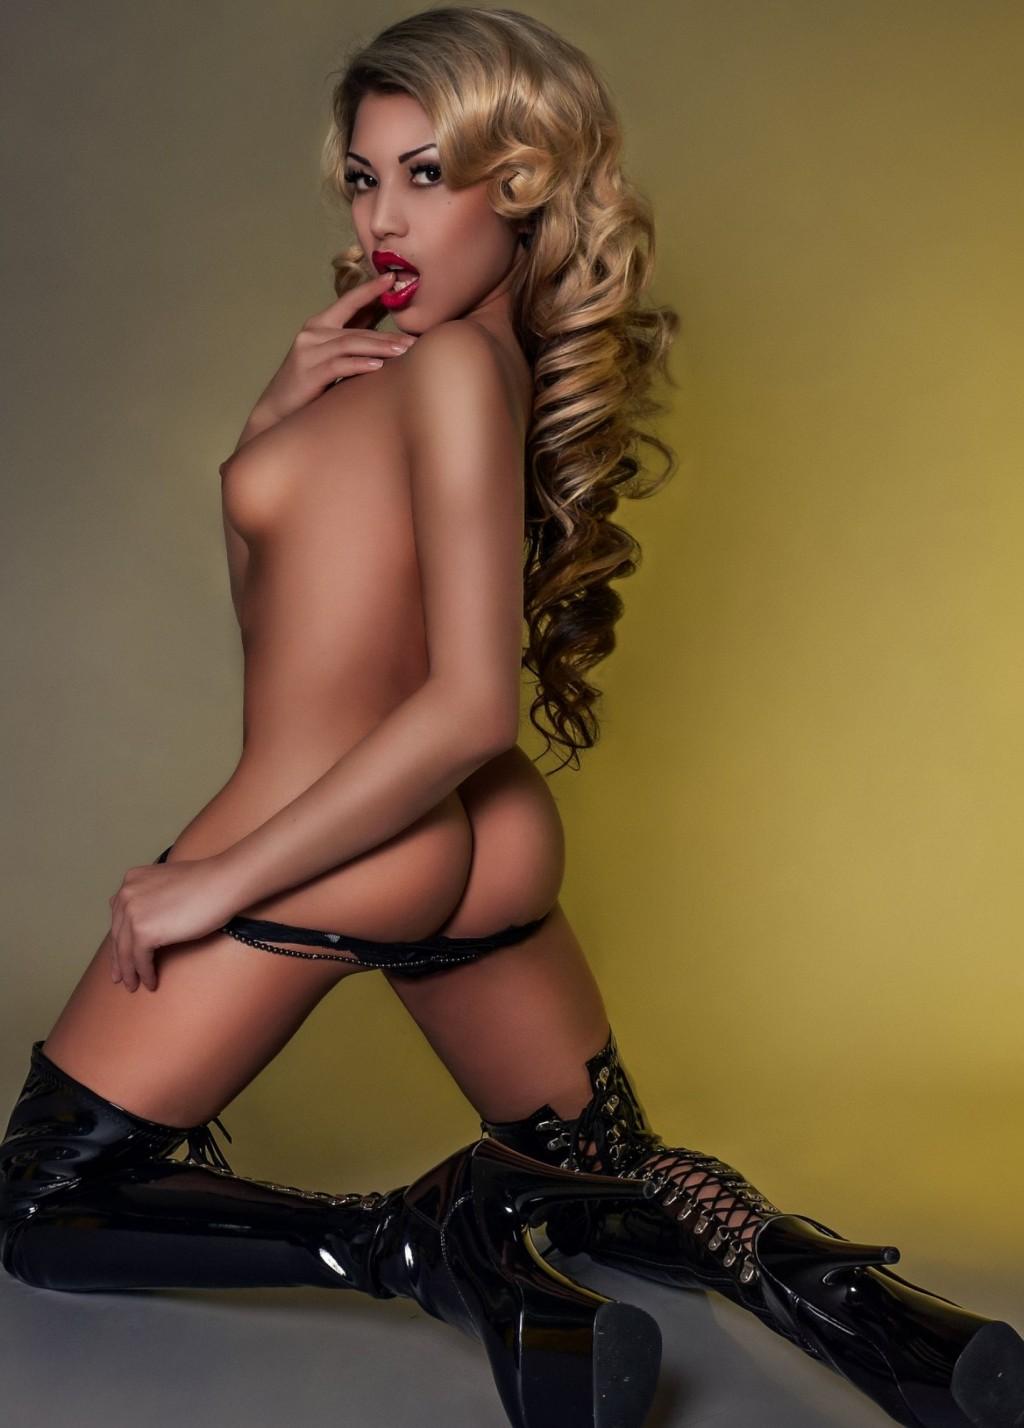 Проститутки сургута с реальными фото 26 фотография